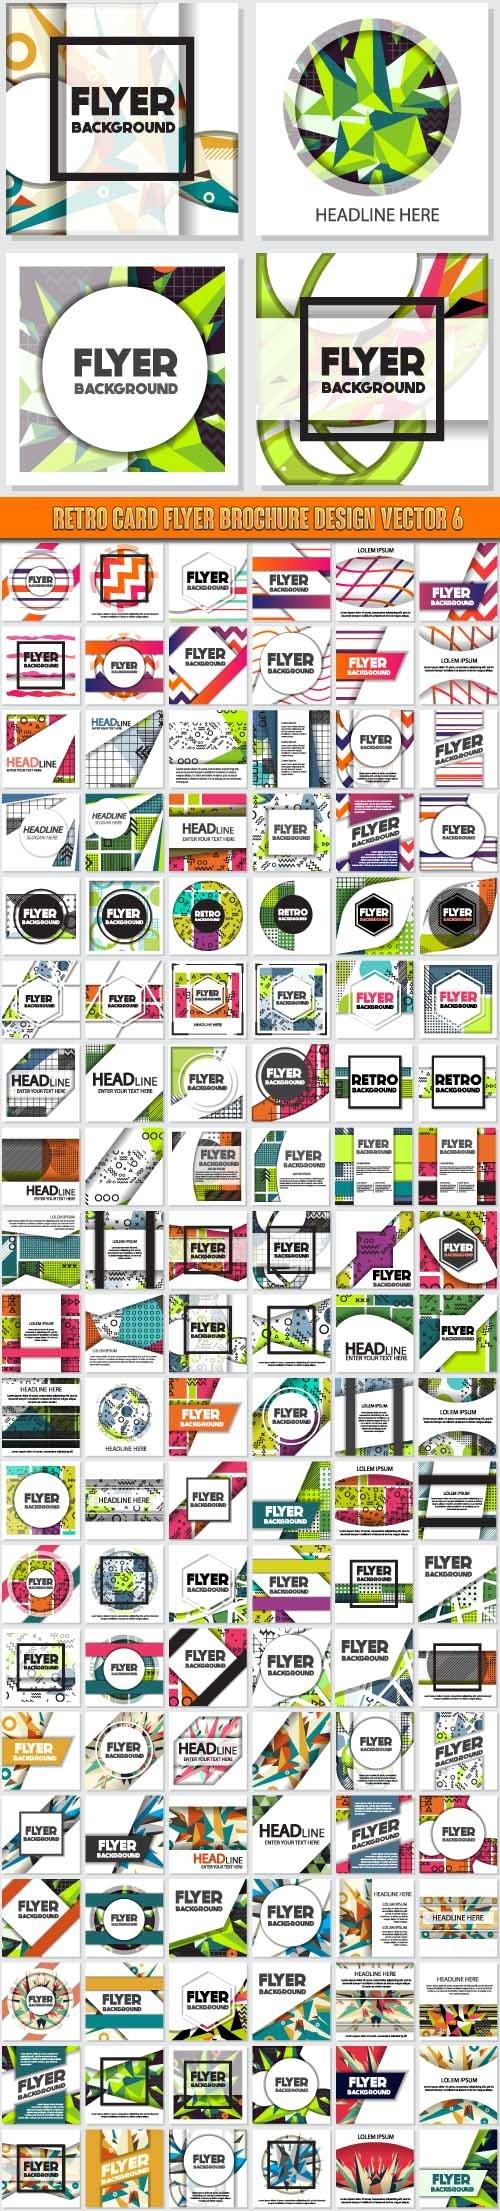 Retro card flyer brochure design vector 6